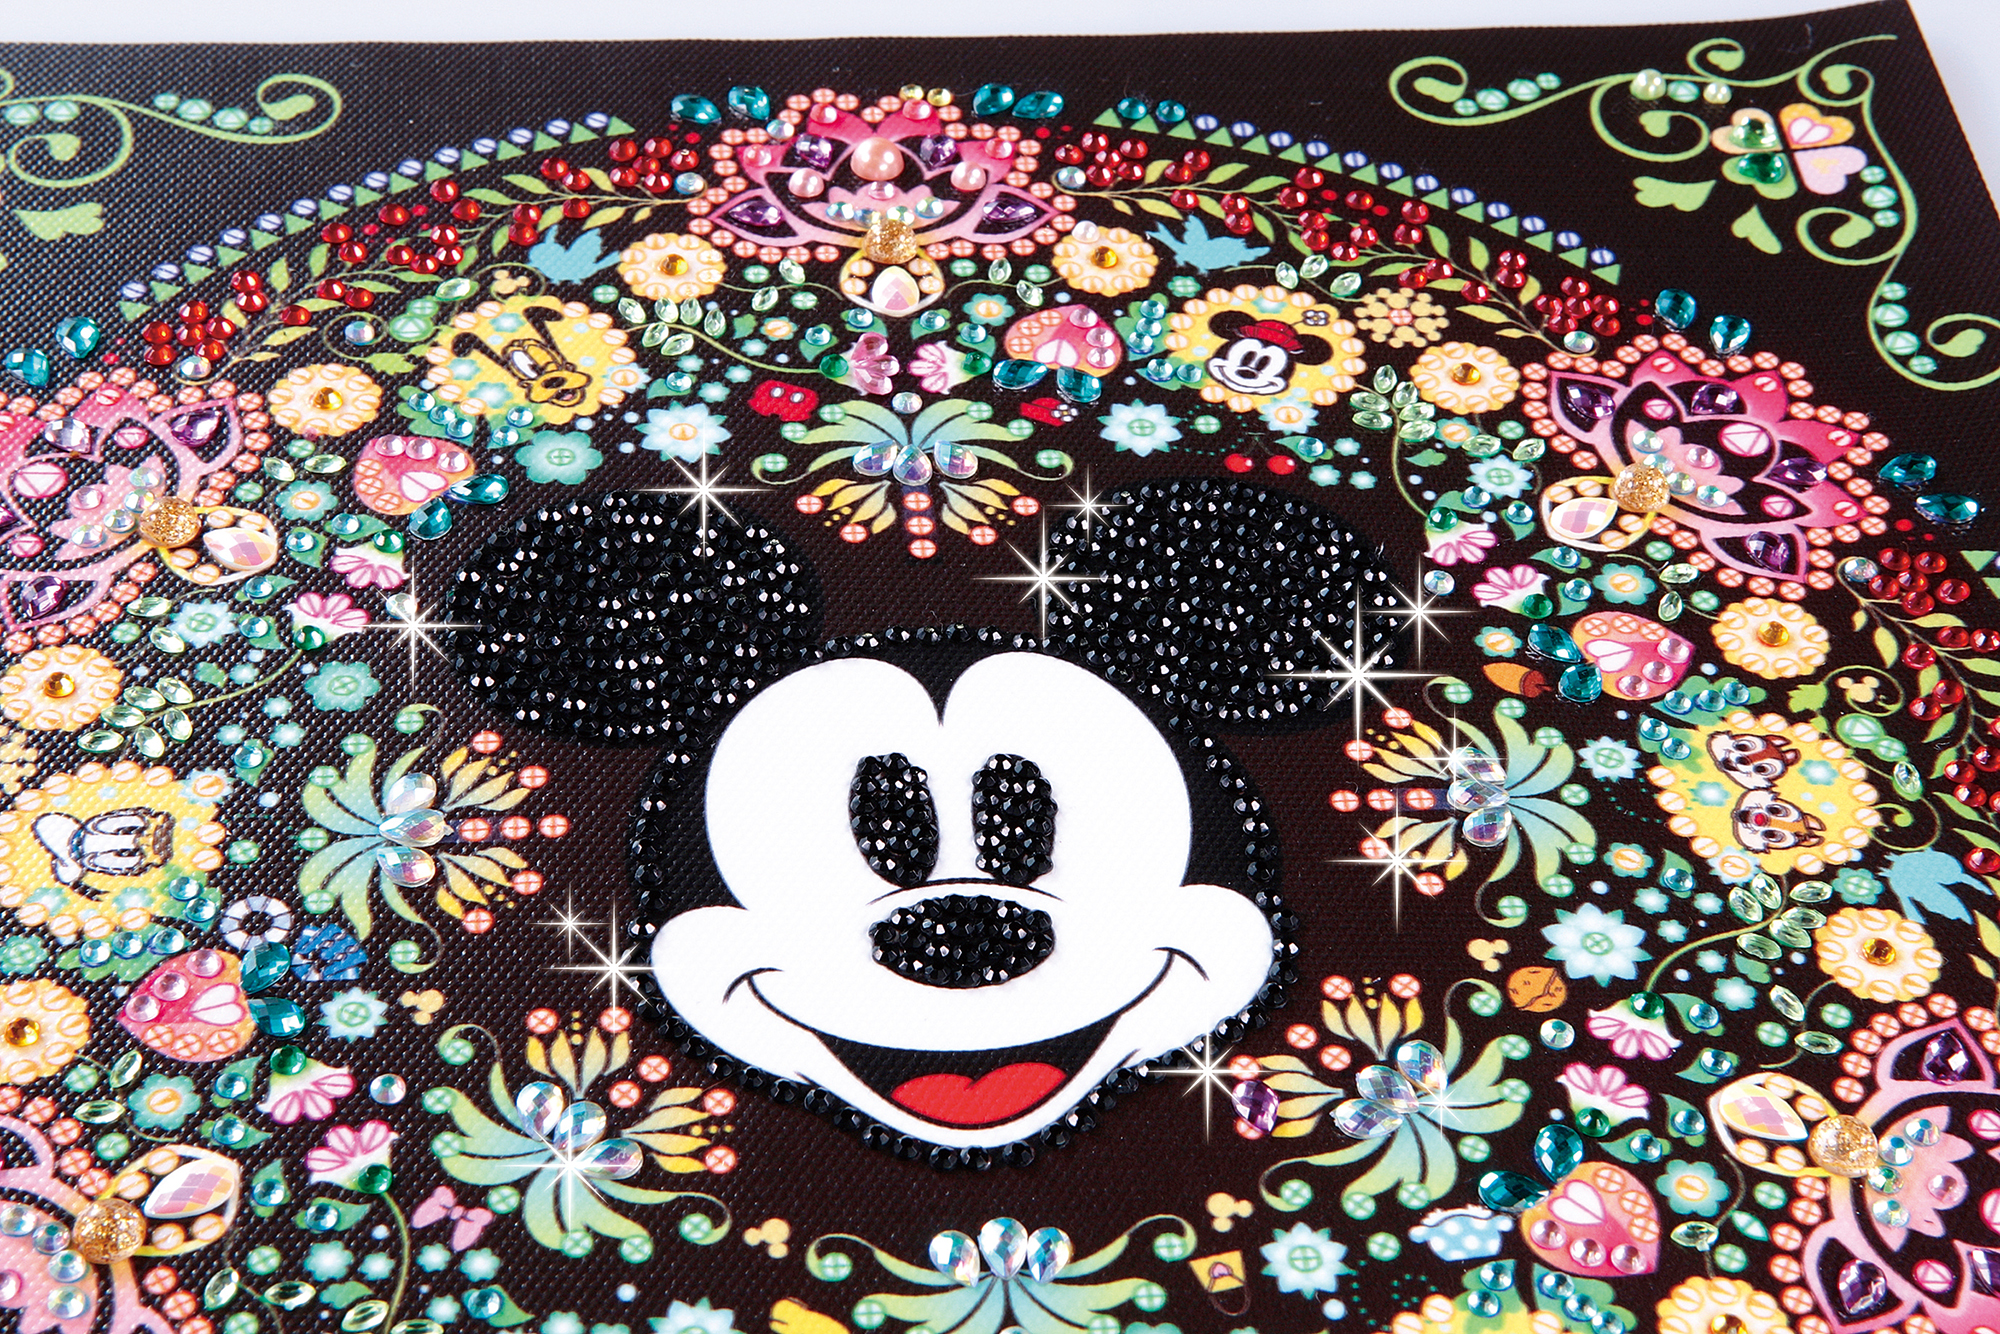 「人気運の象徴のミッキーマウスを中心とした素敵な模様 」画像